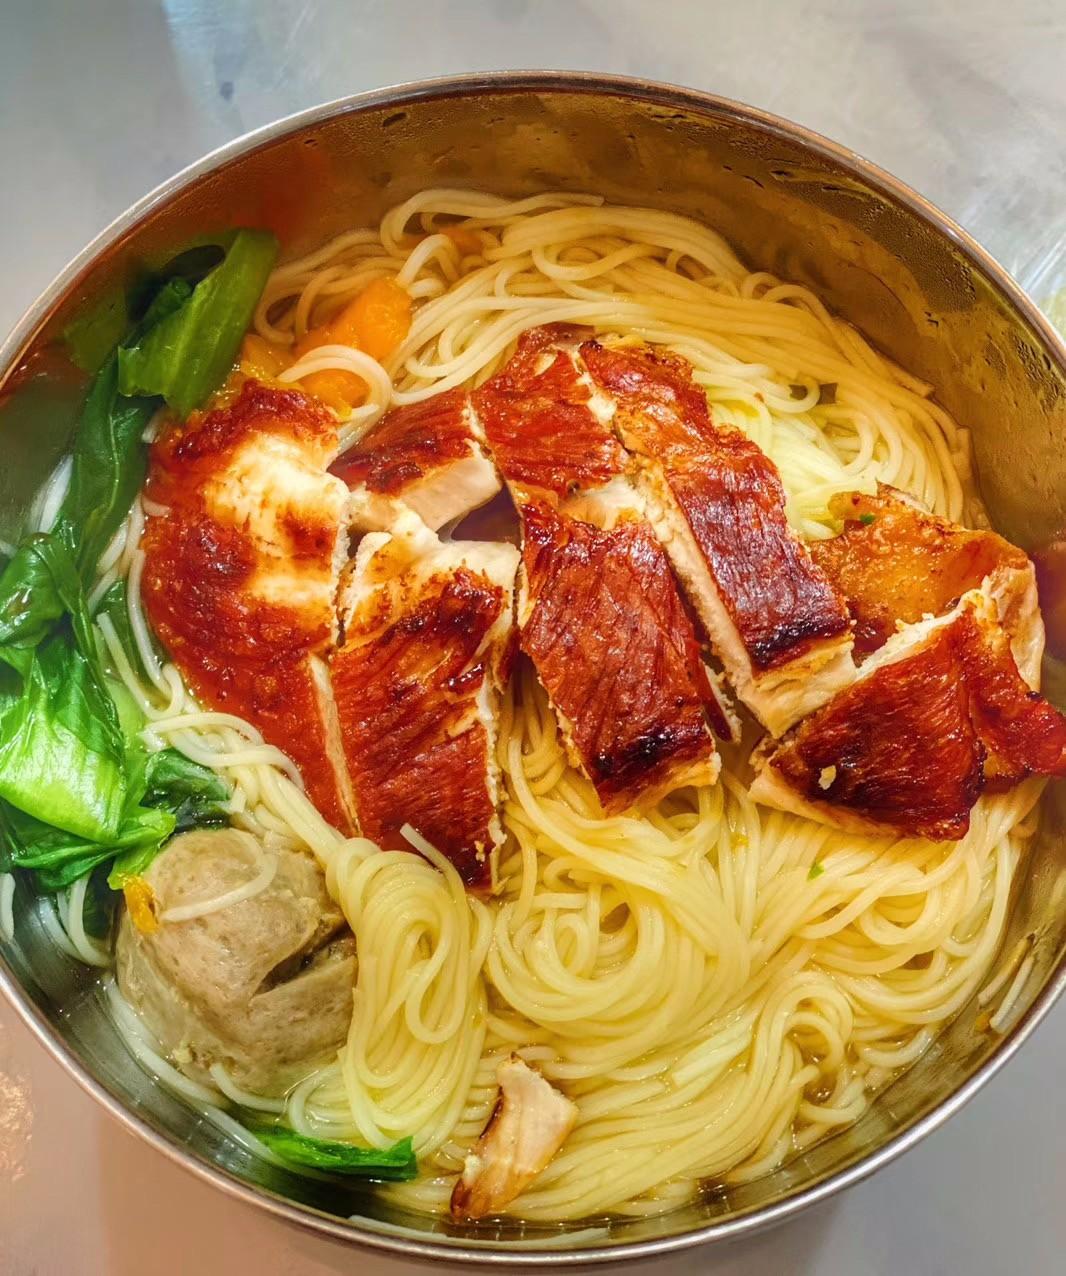 居家瘦减重:米饭怎么吃才不会长胖?米饭吃不对,干啥都白费